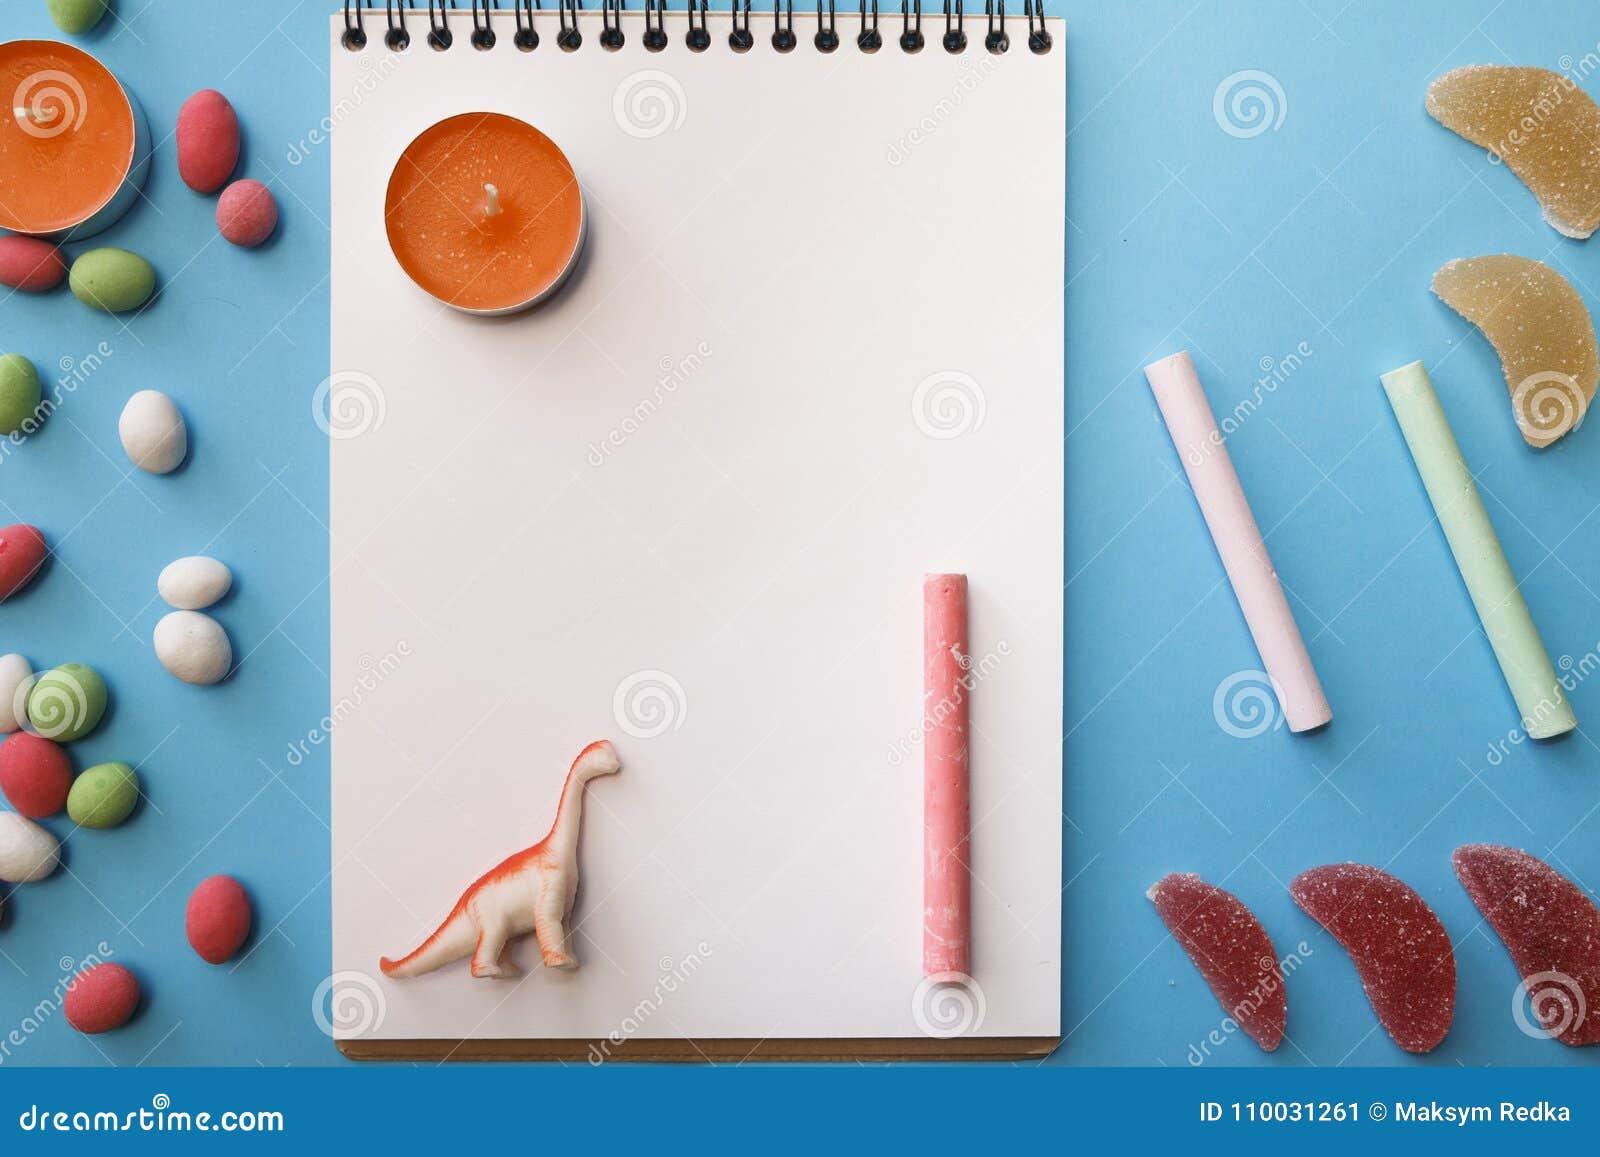 Kaarsen, kleurpotloden, pinda s in gekleurde glans, notitieboekje voor